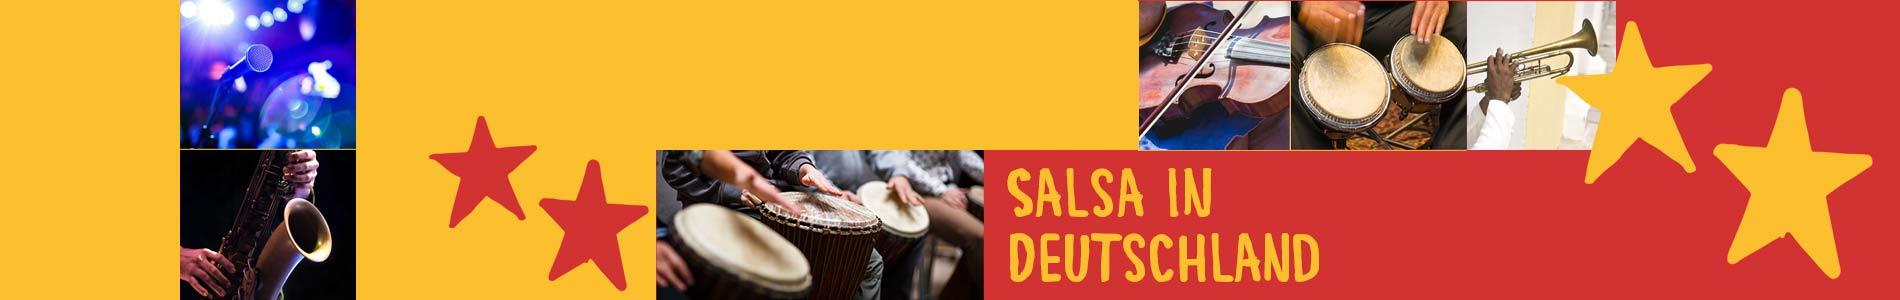 Salsa in Deggingen – Salsa lernen und tanzen, Tanzkurse, Partys, Veranstaltungen